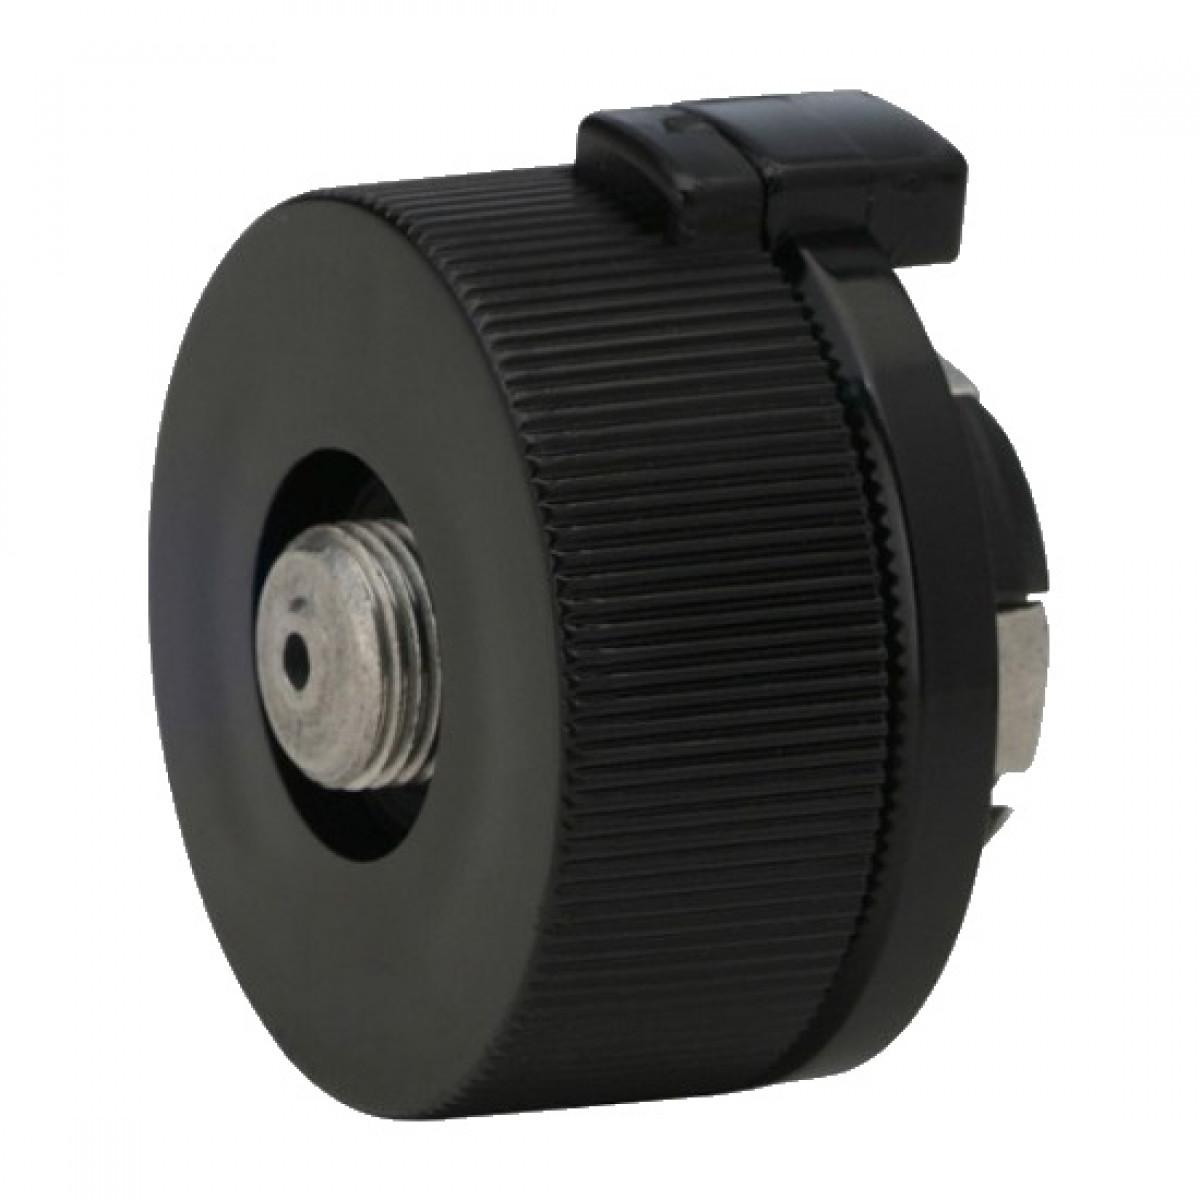 Переходник для газовых горелок Kovea Adapter KA-N9504